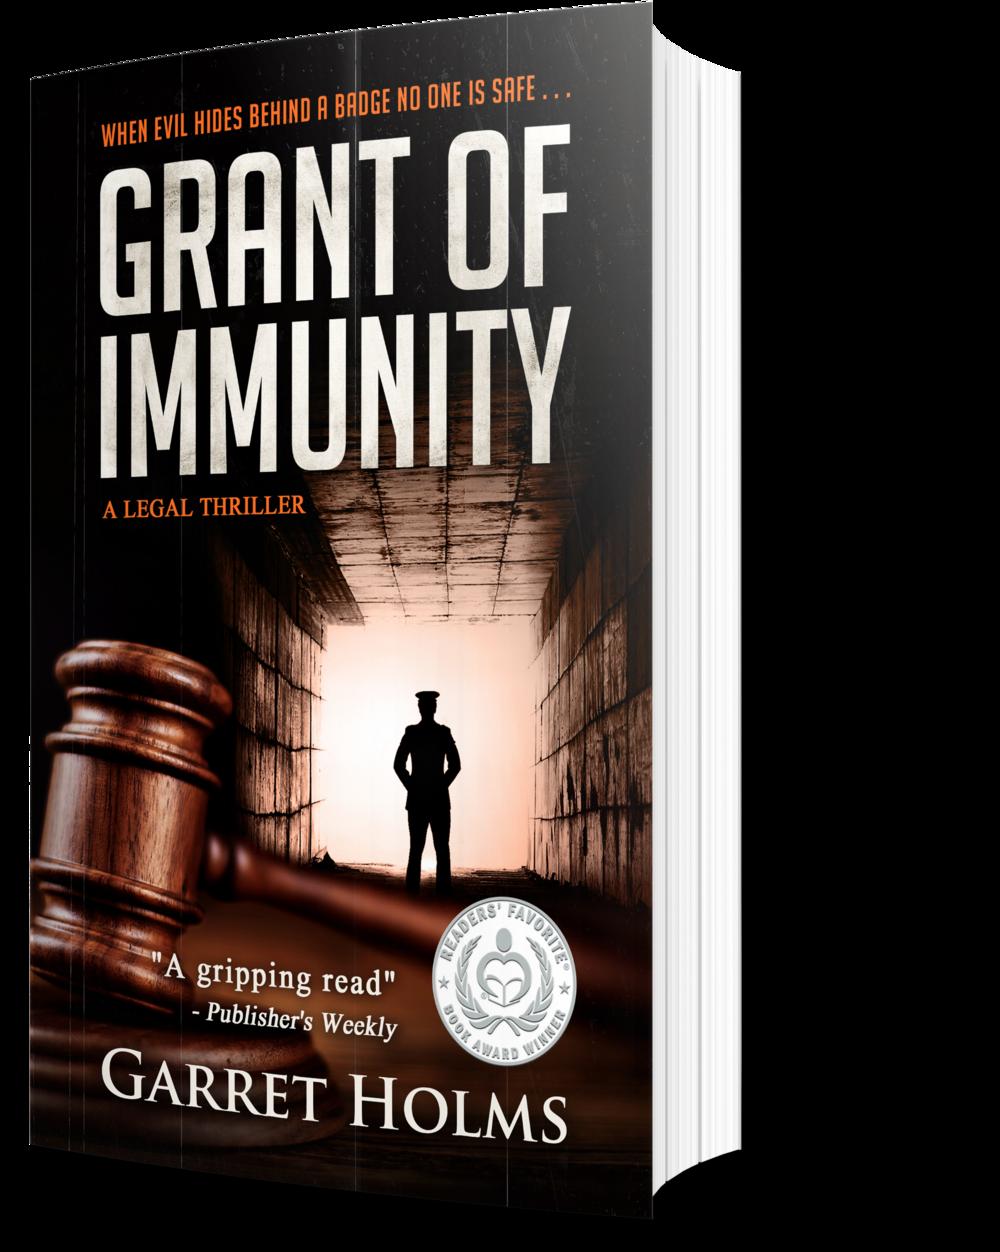 GrantOfImmunity.png